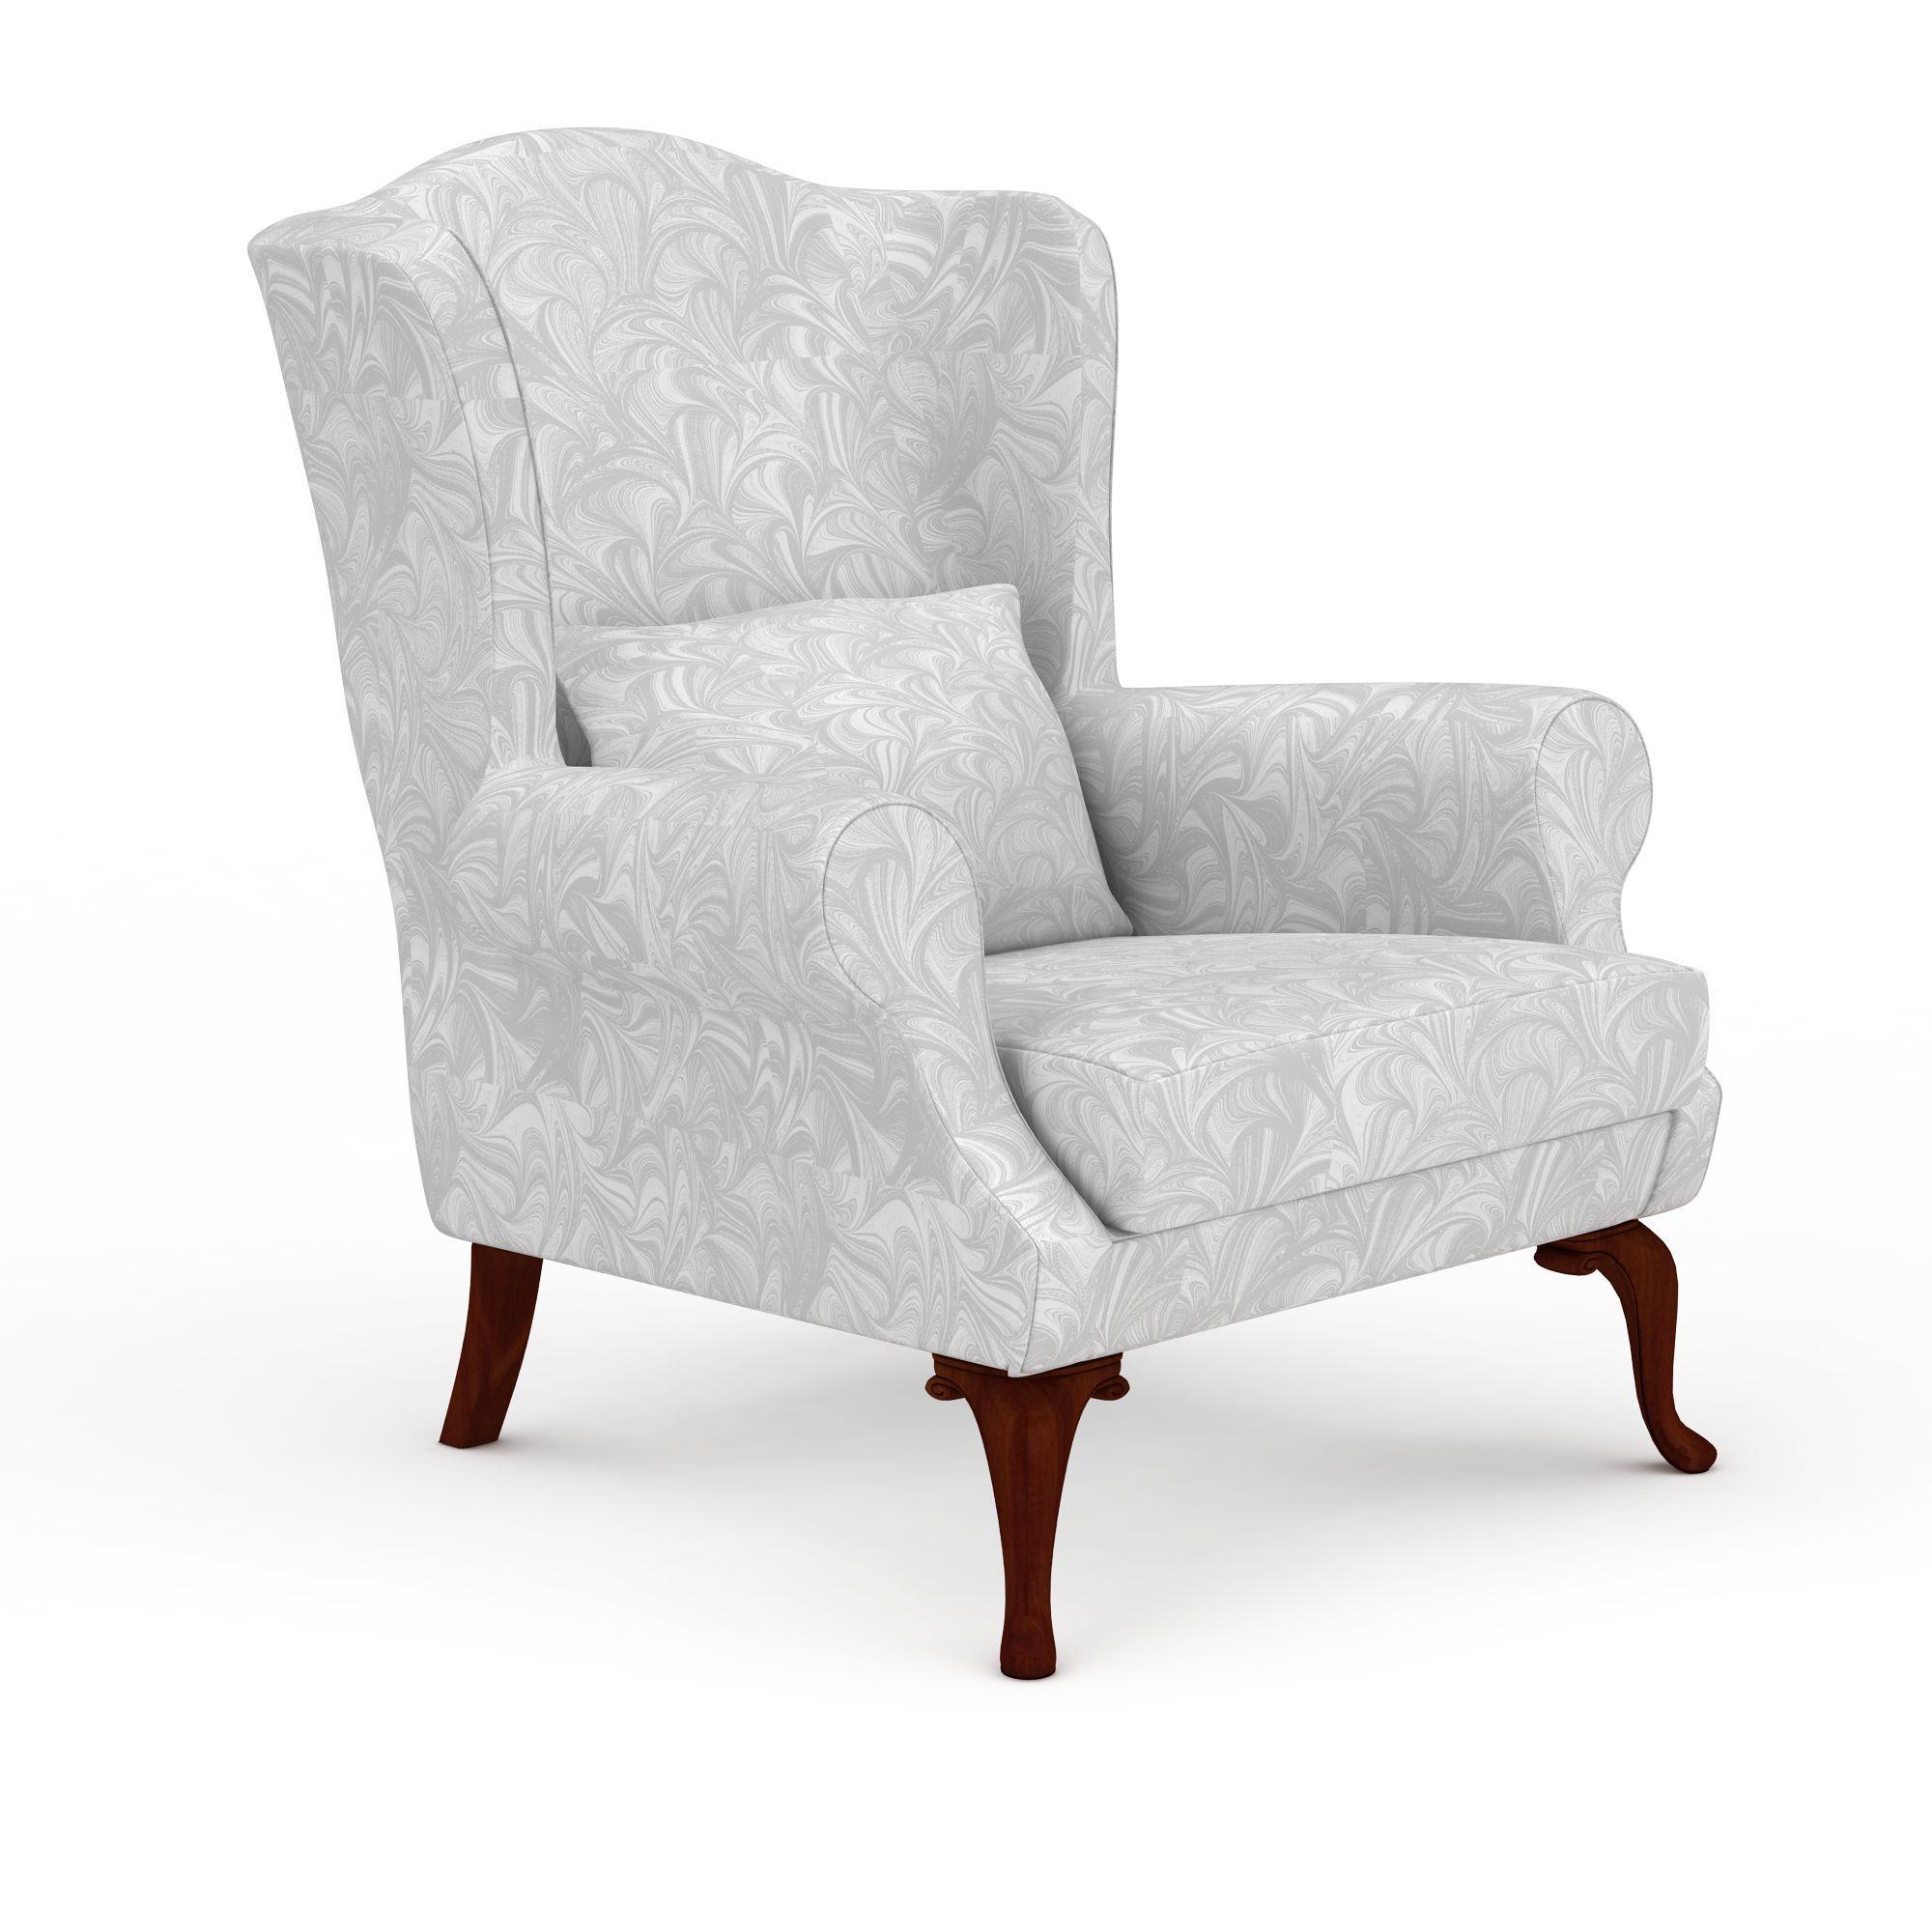 休闲沙发图片_休闲沙发png图片素材_休闲沙发png高清